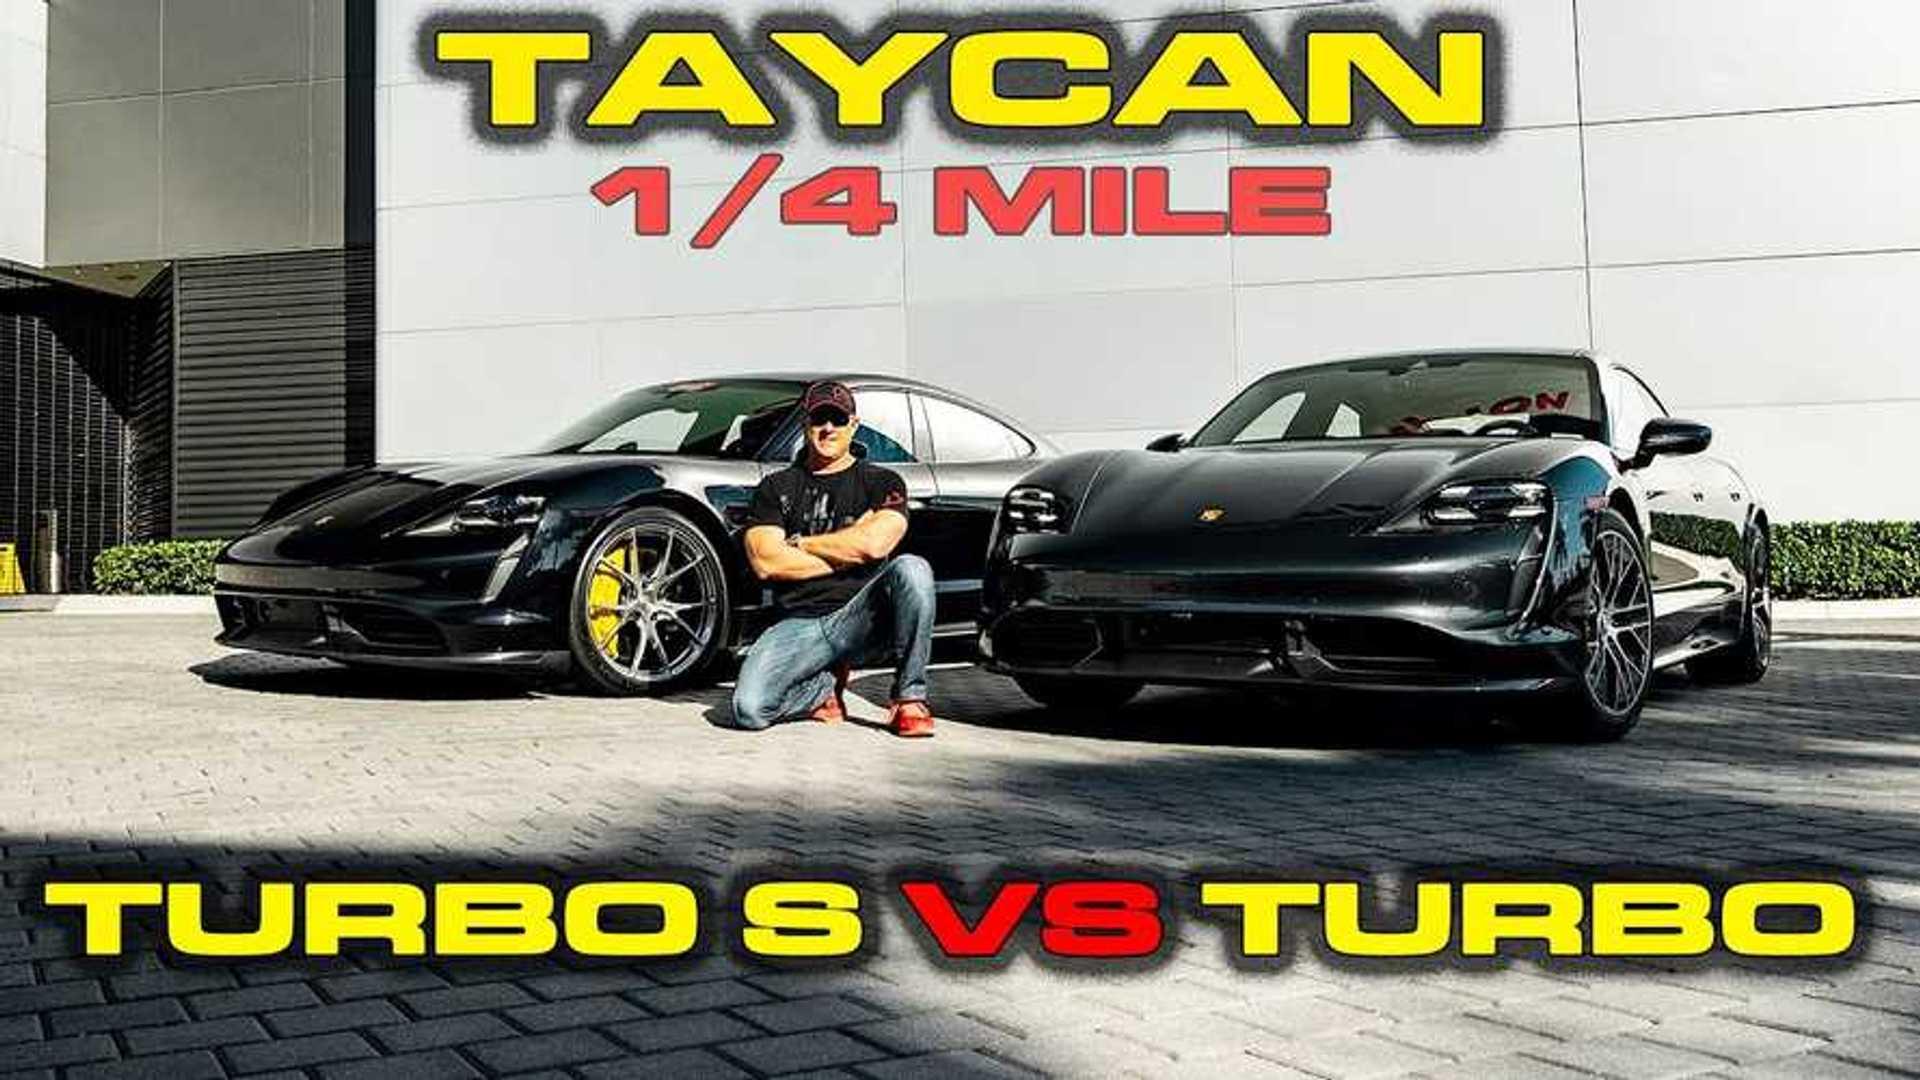 Porsche Taycan Turbo S Vs Turbo Testing 0 60 Mph 1 4 Mile More